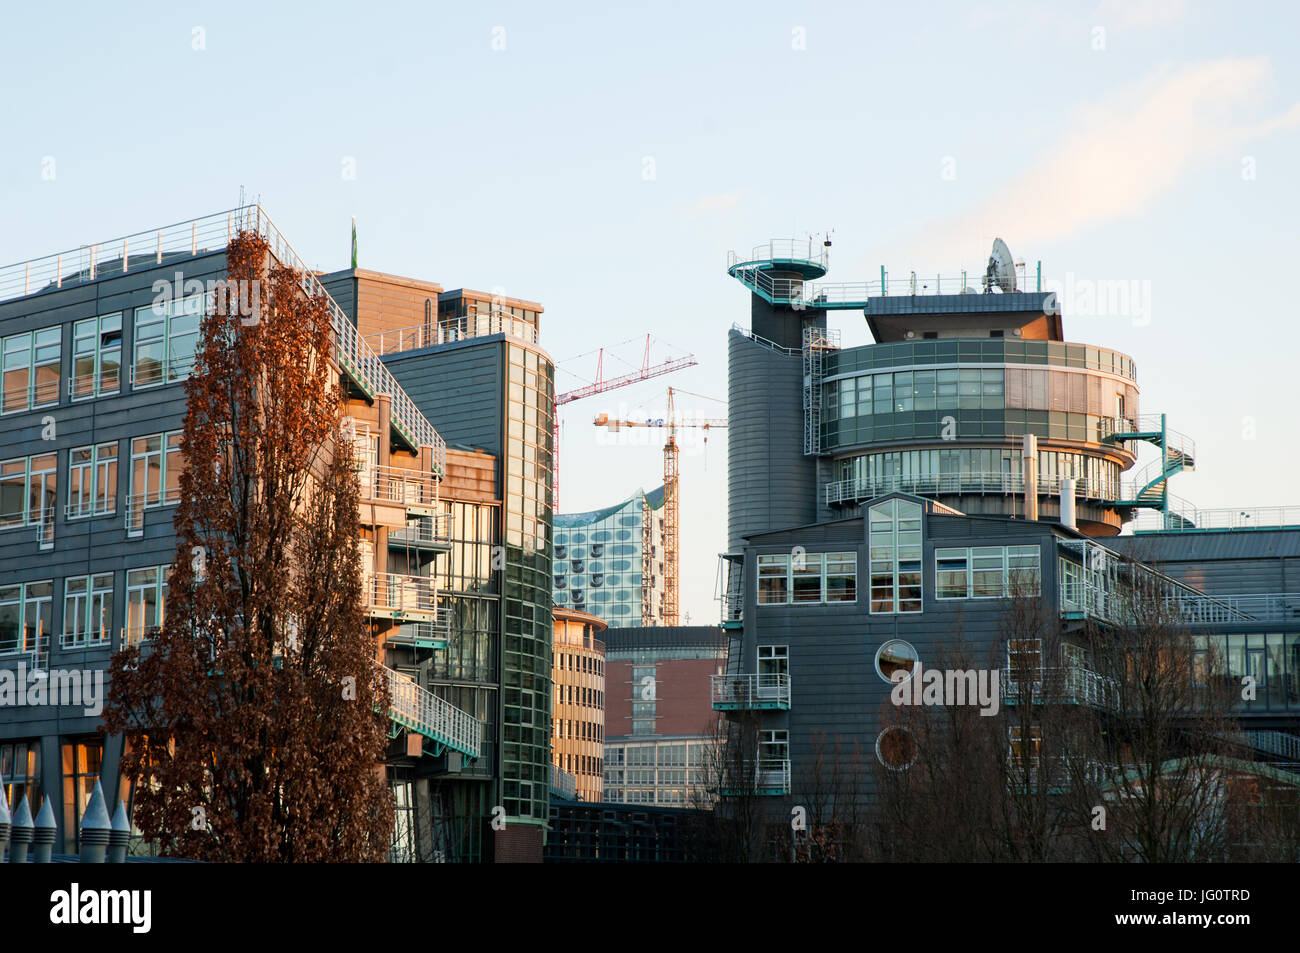 Gruner und Jahr Verlagshaus - Stock Image